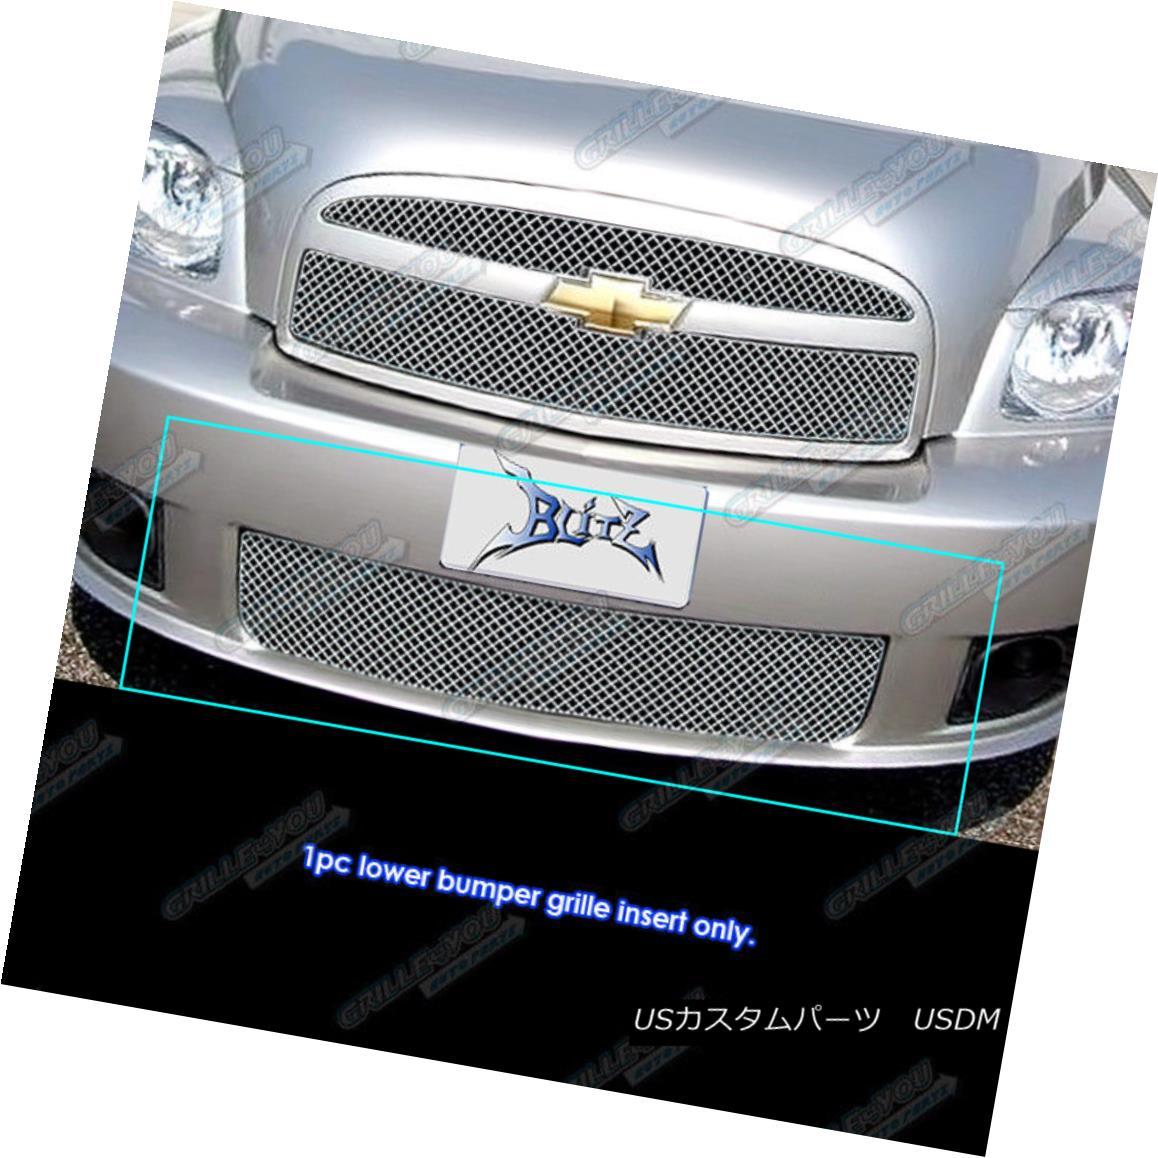 グリル Fits 06-10 Chevy HHR SS Bumper Stainless Steel Wire X Mesh Blitz Grille Grill フィット06-10シボレーHHR SSバンパーステンレス鋼線Xメッシュブリッツグリルグリル